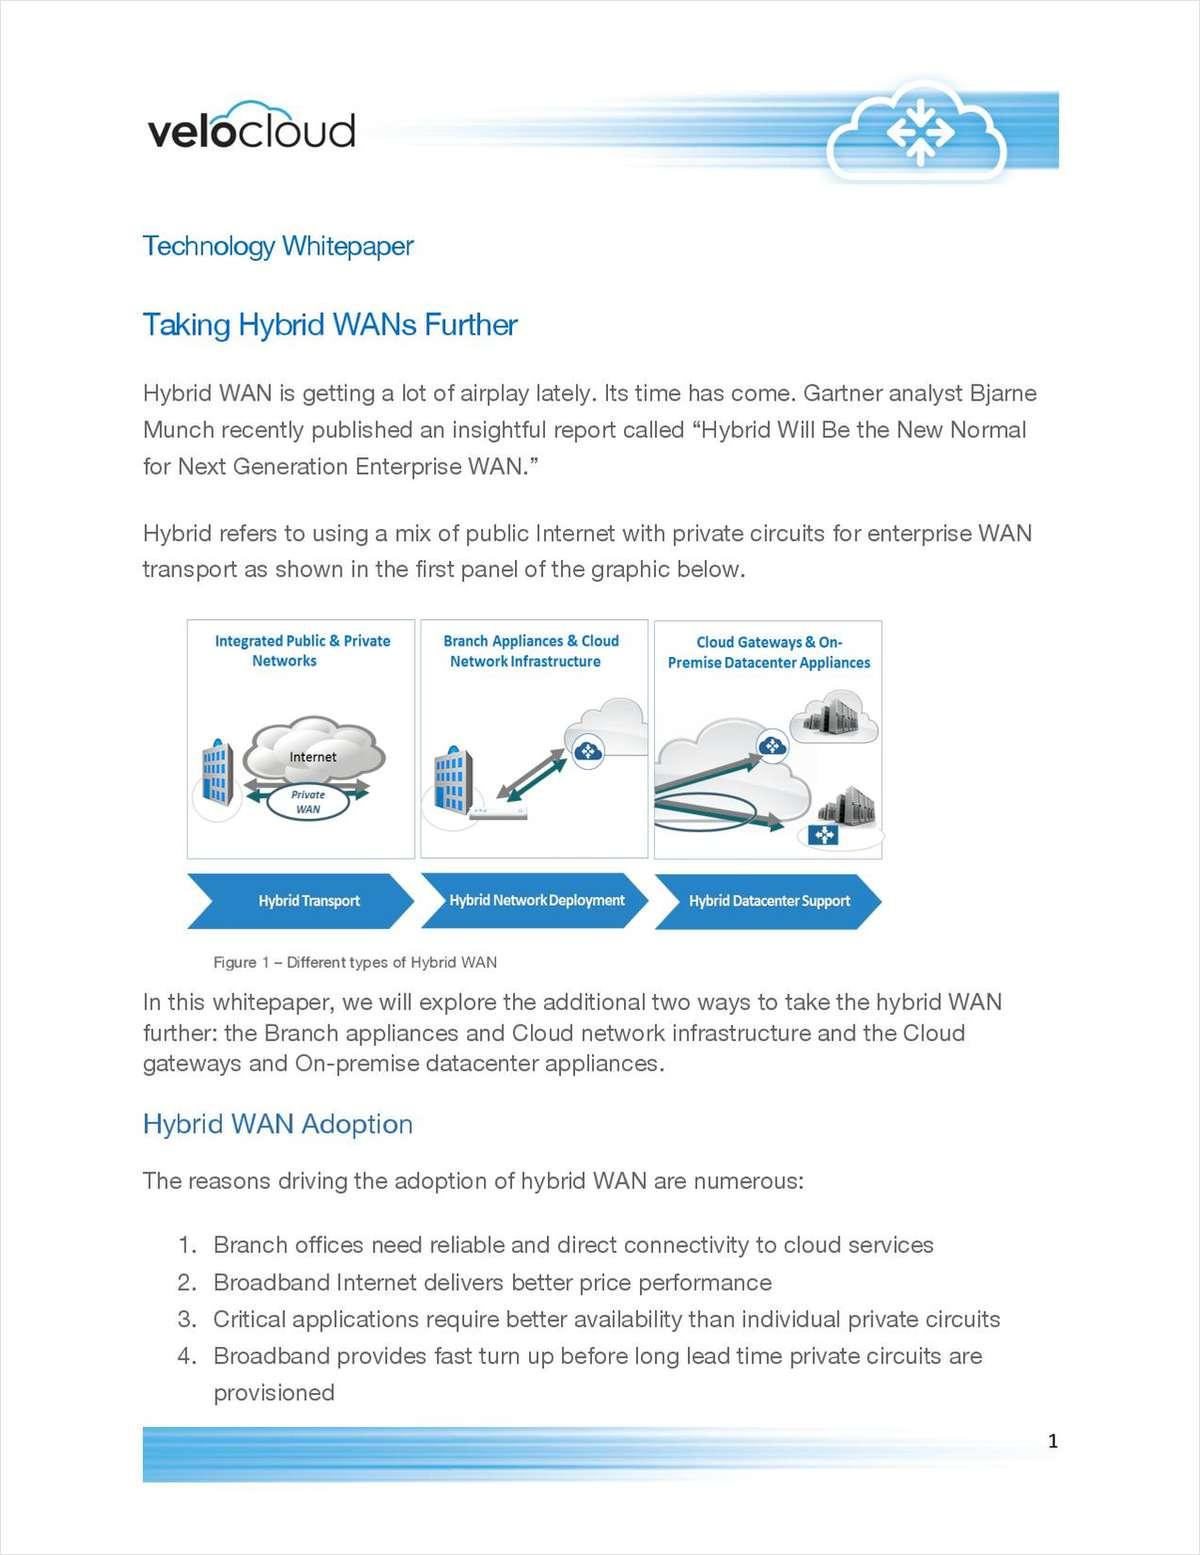 Optimized Hybrid WAN for the Enterprise